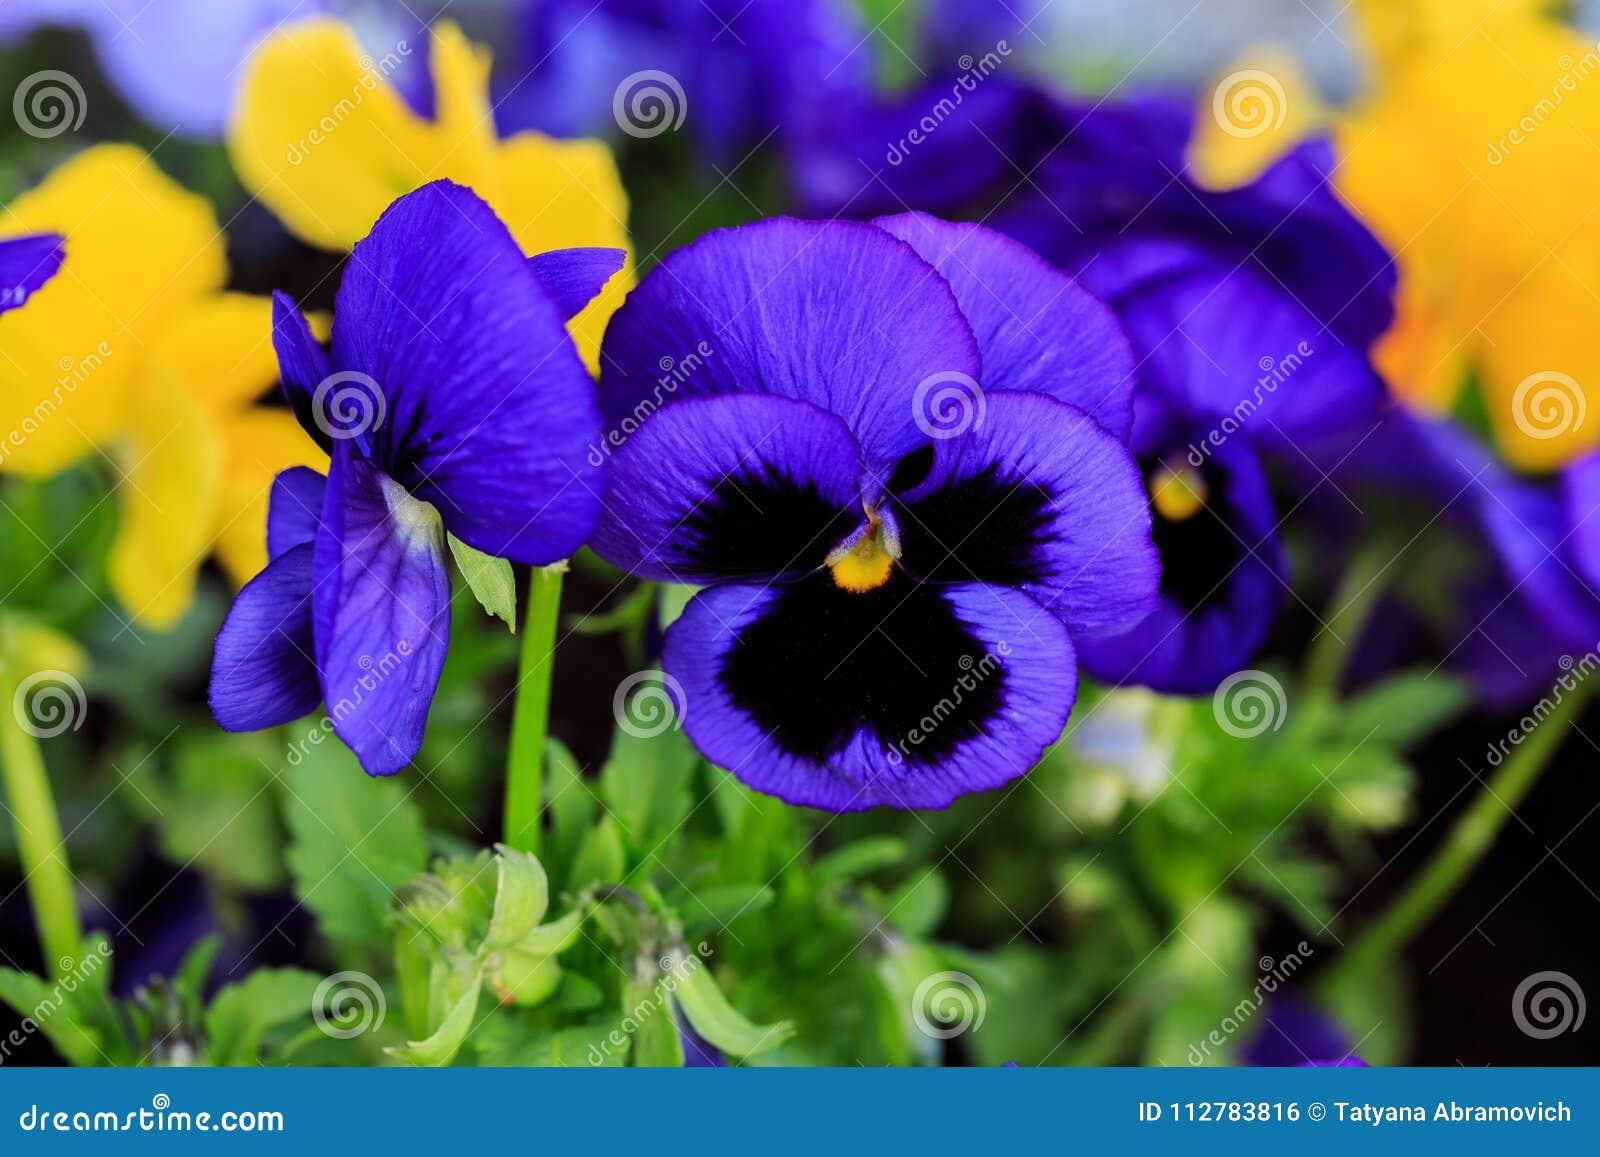 Cornuta D Alto Pensee Tuftee Fleurs Colorees Des Violettes Photo